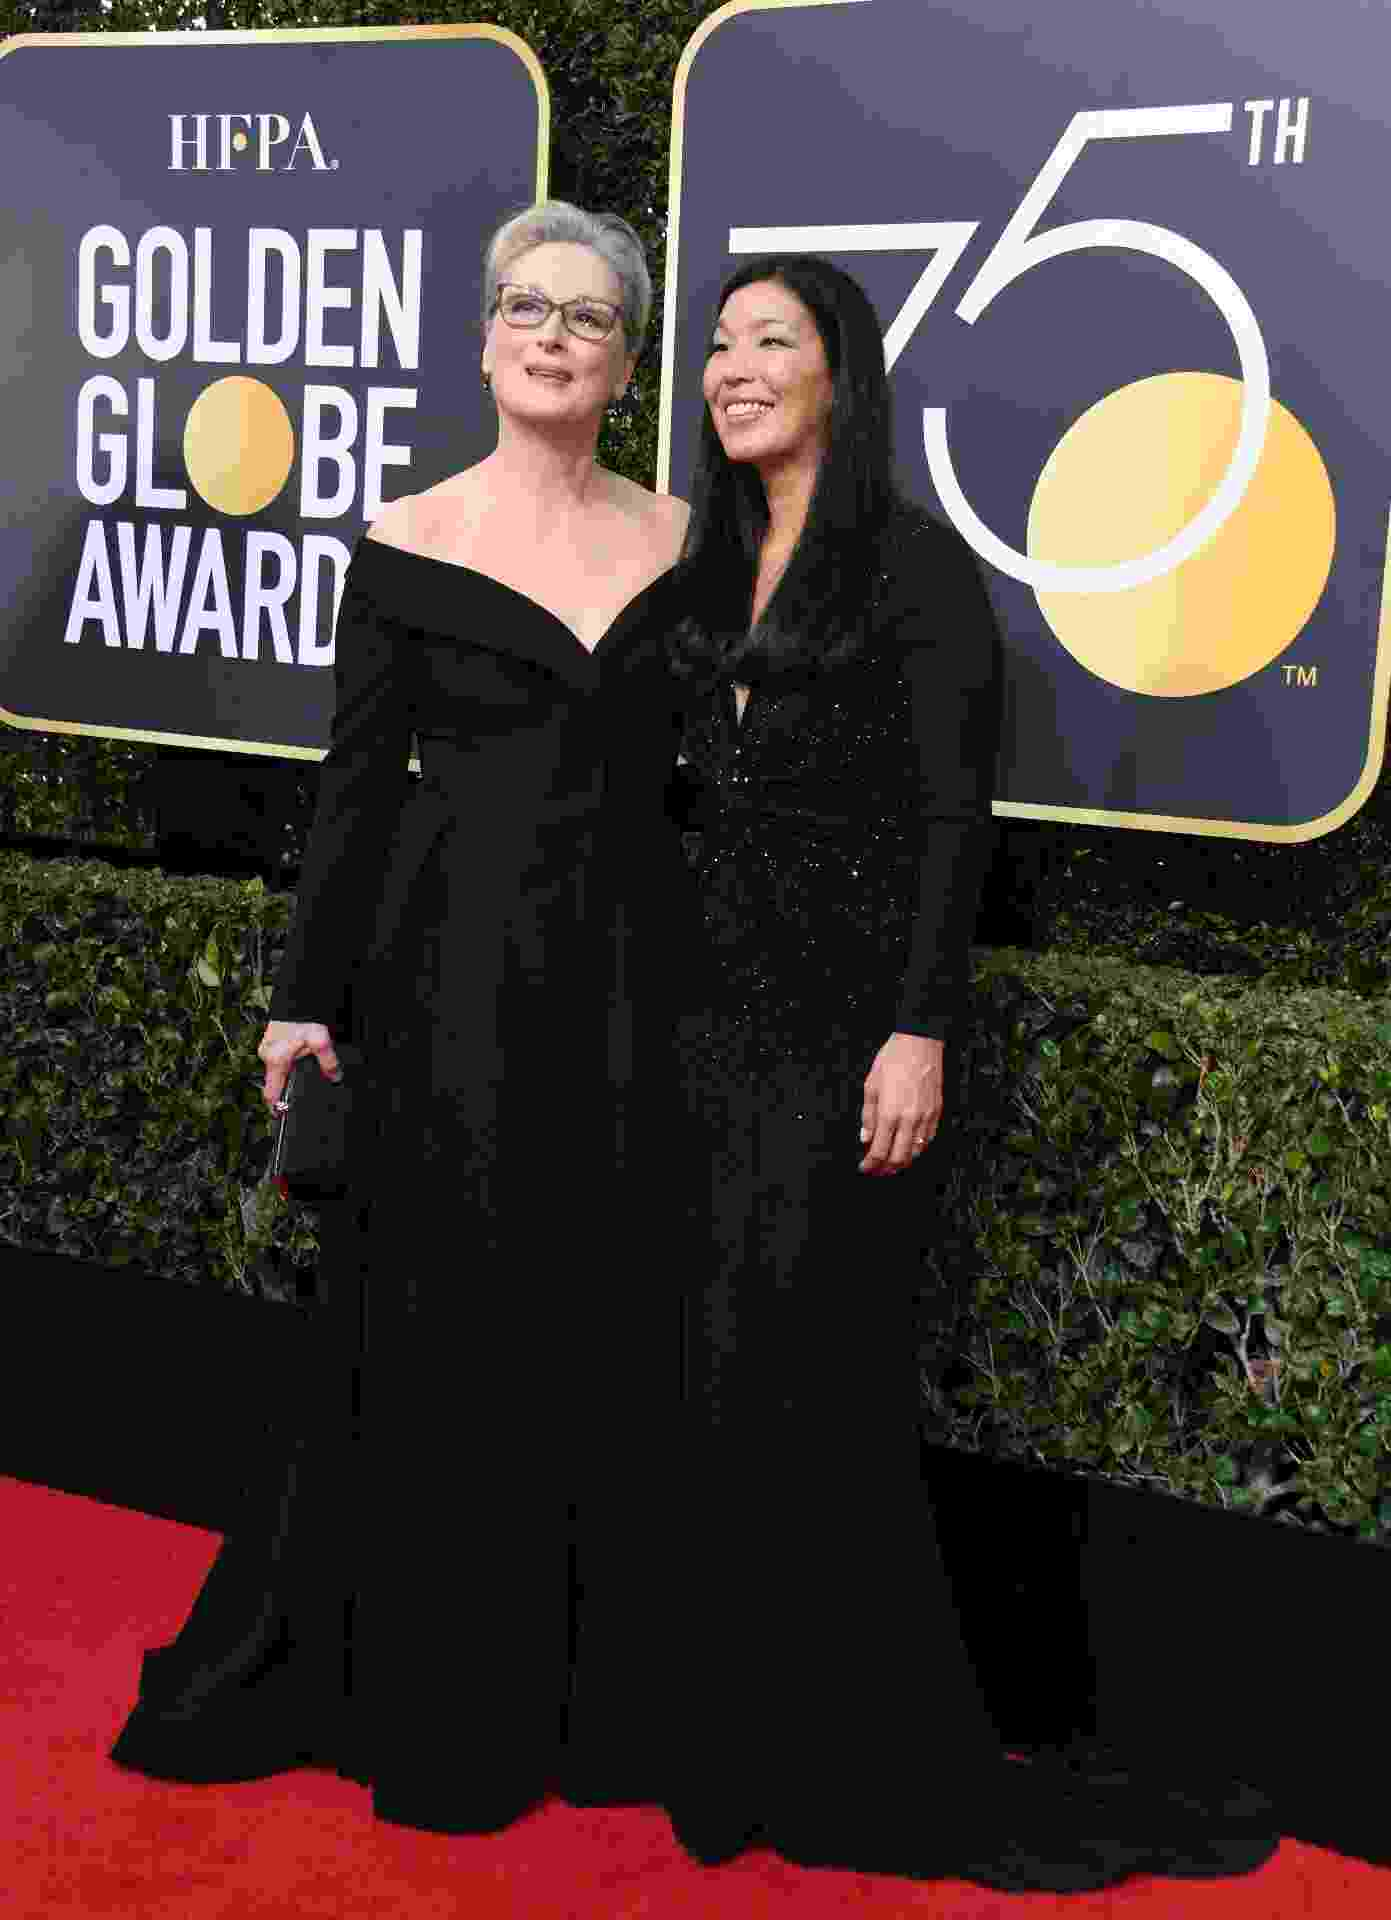 Meryl Streep vai ao Globo de Ouro 2018 ao lado de Ai-jen Poo, líder da organização National Domestic Workers Alliance - AFP